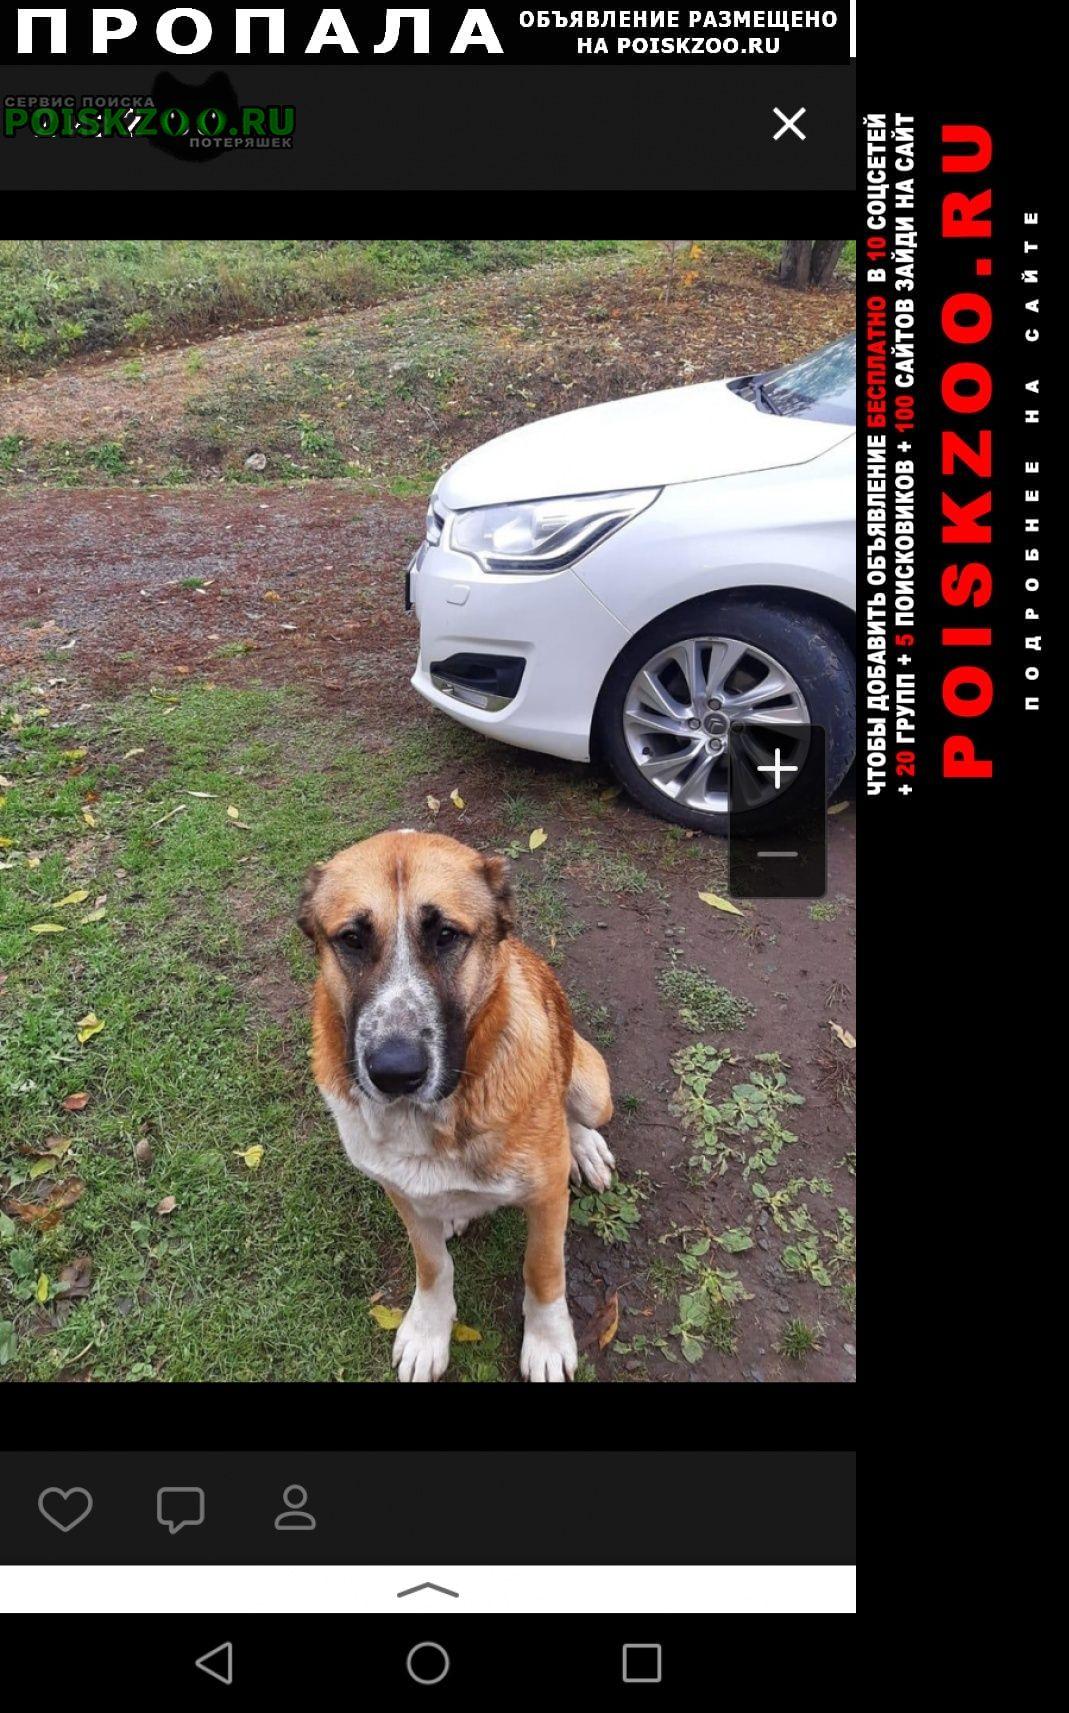 Пропала собака кобель верните собаку Железногорск Курская обл.